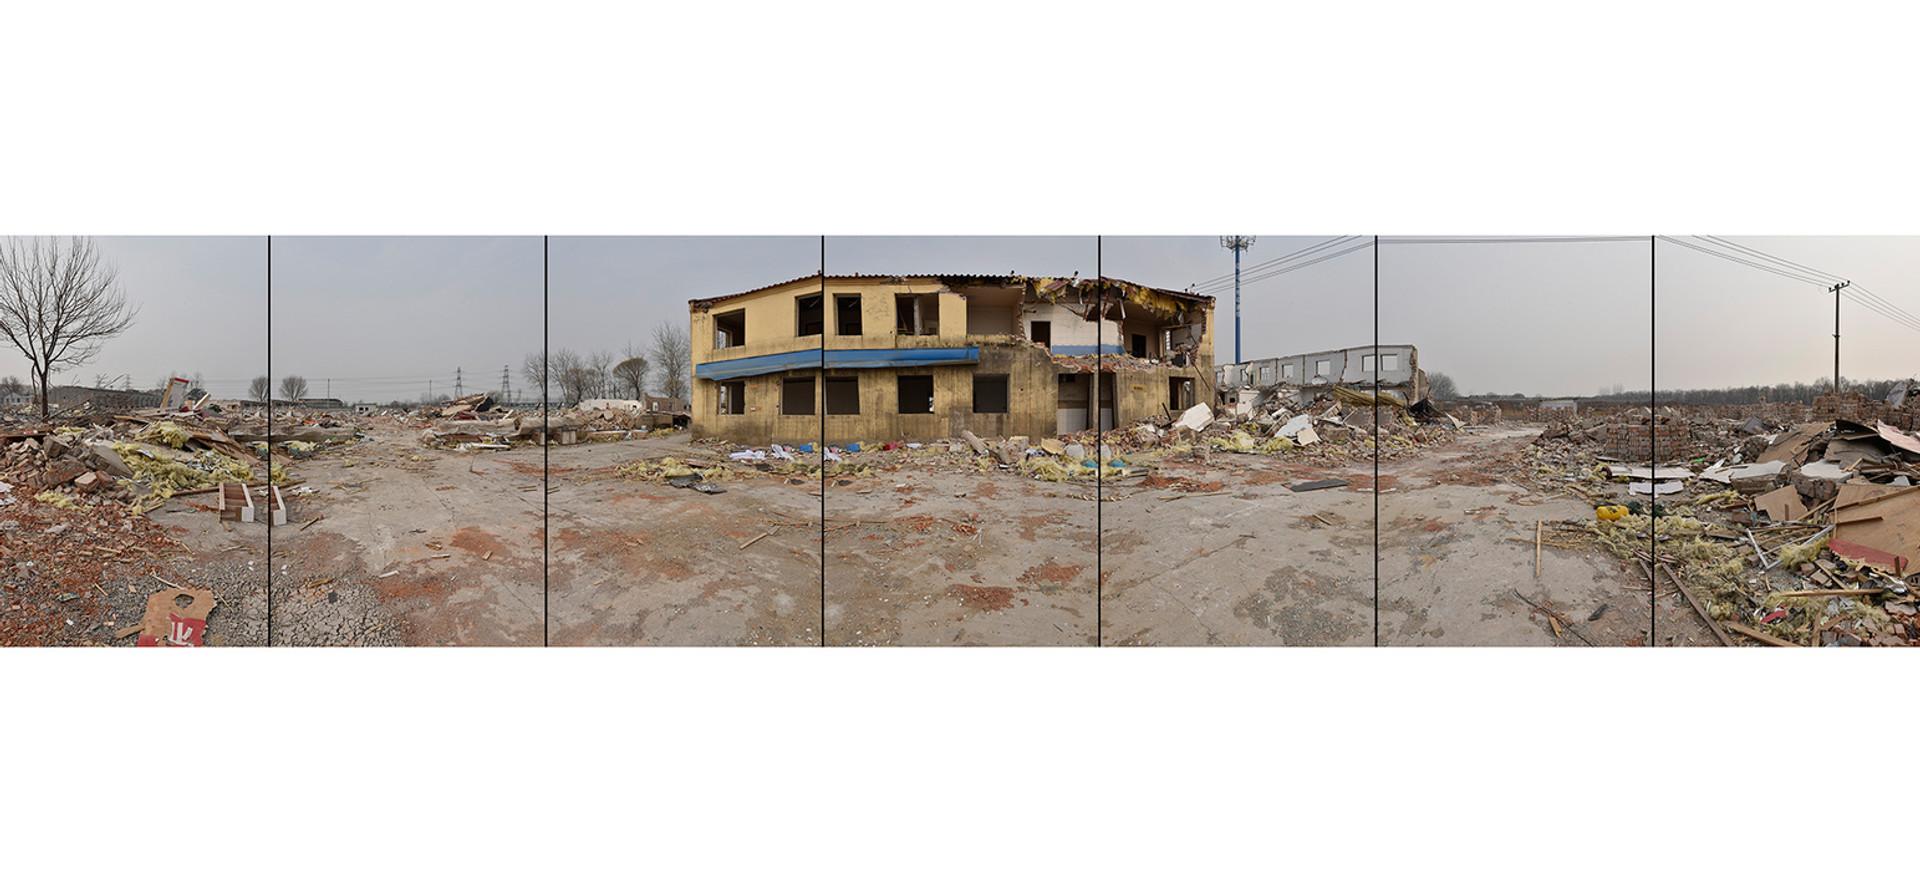 北京废墟16.jpg